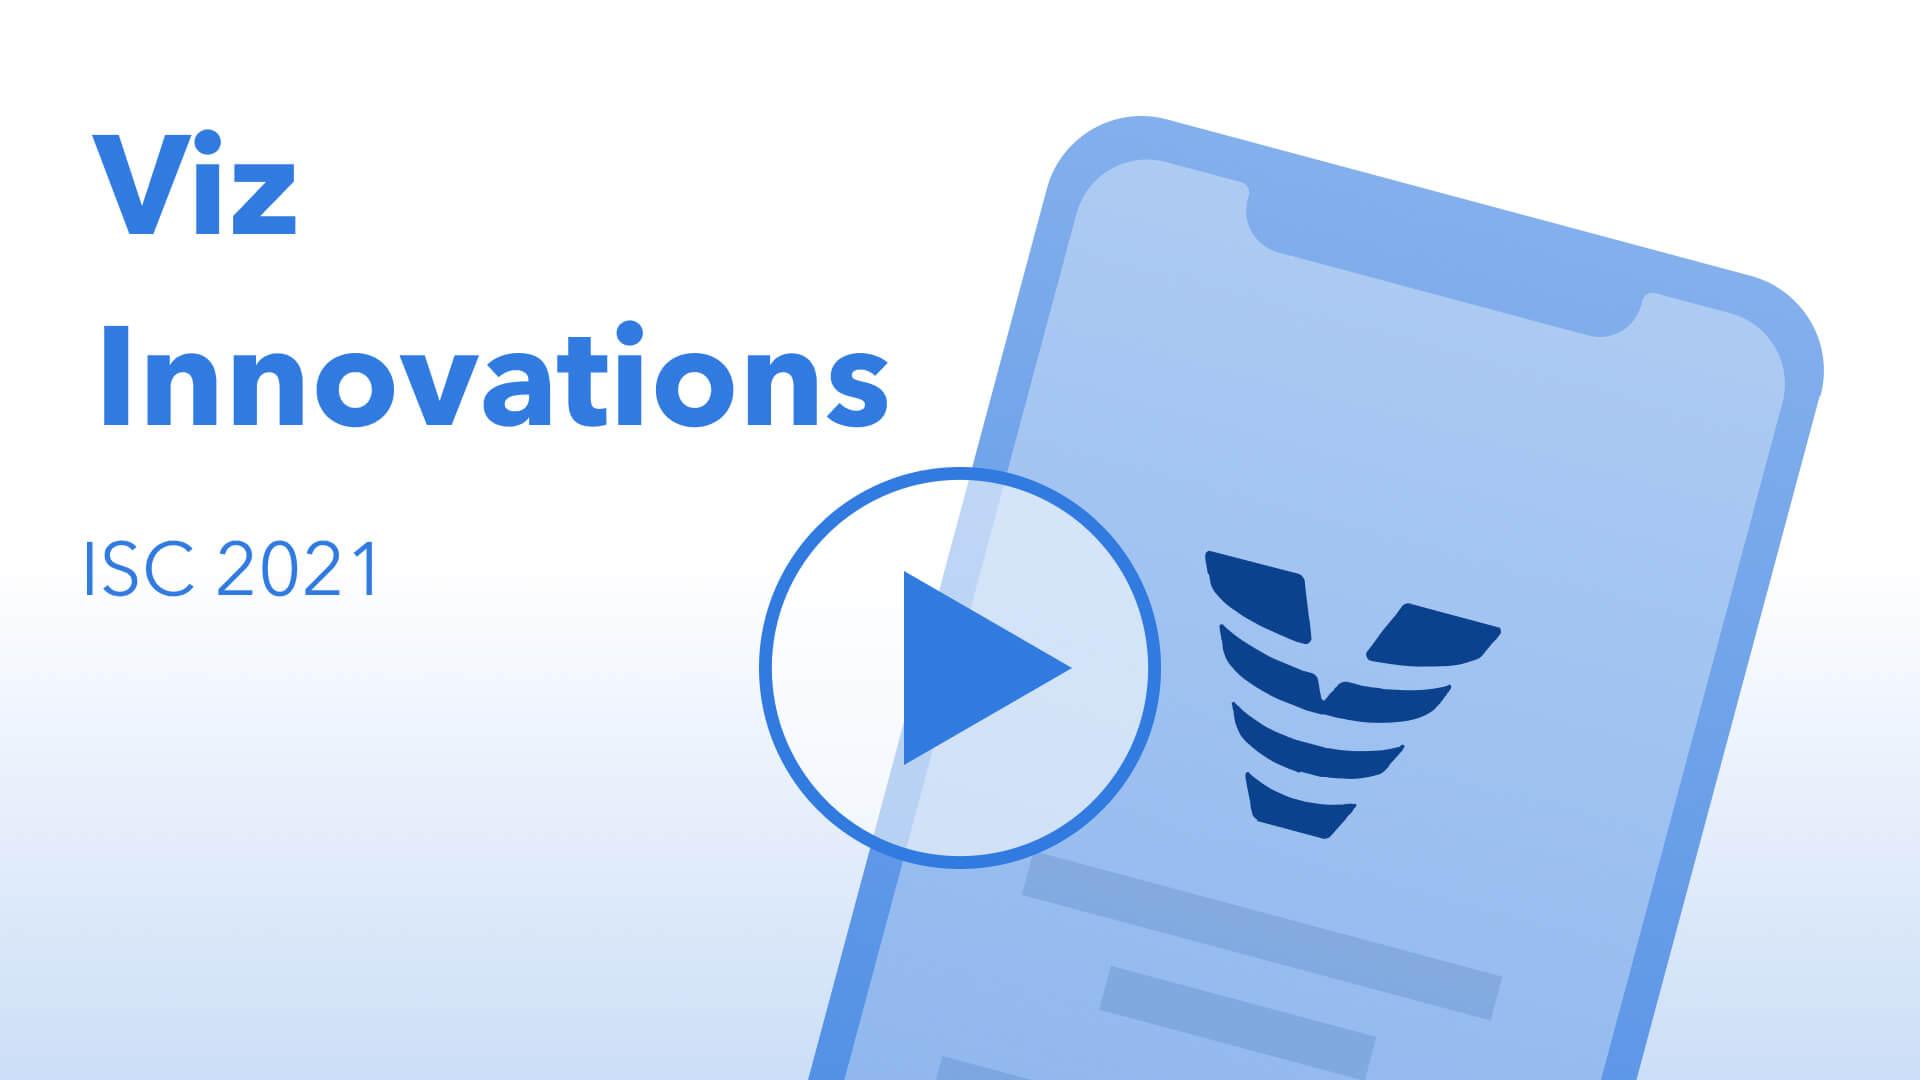 Viz Innovations from ISC 2021